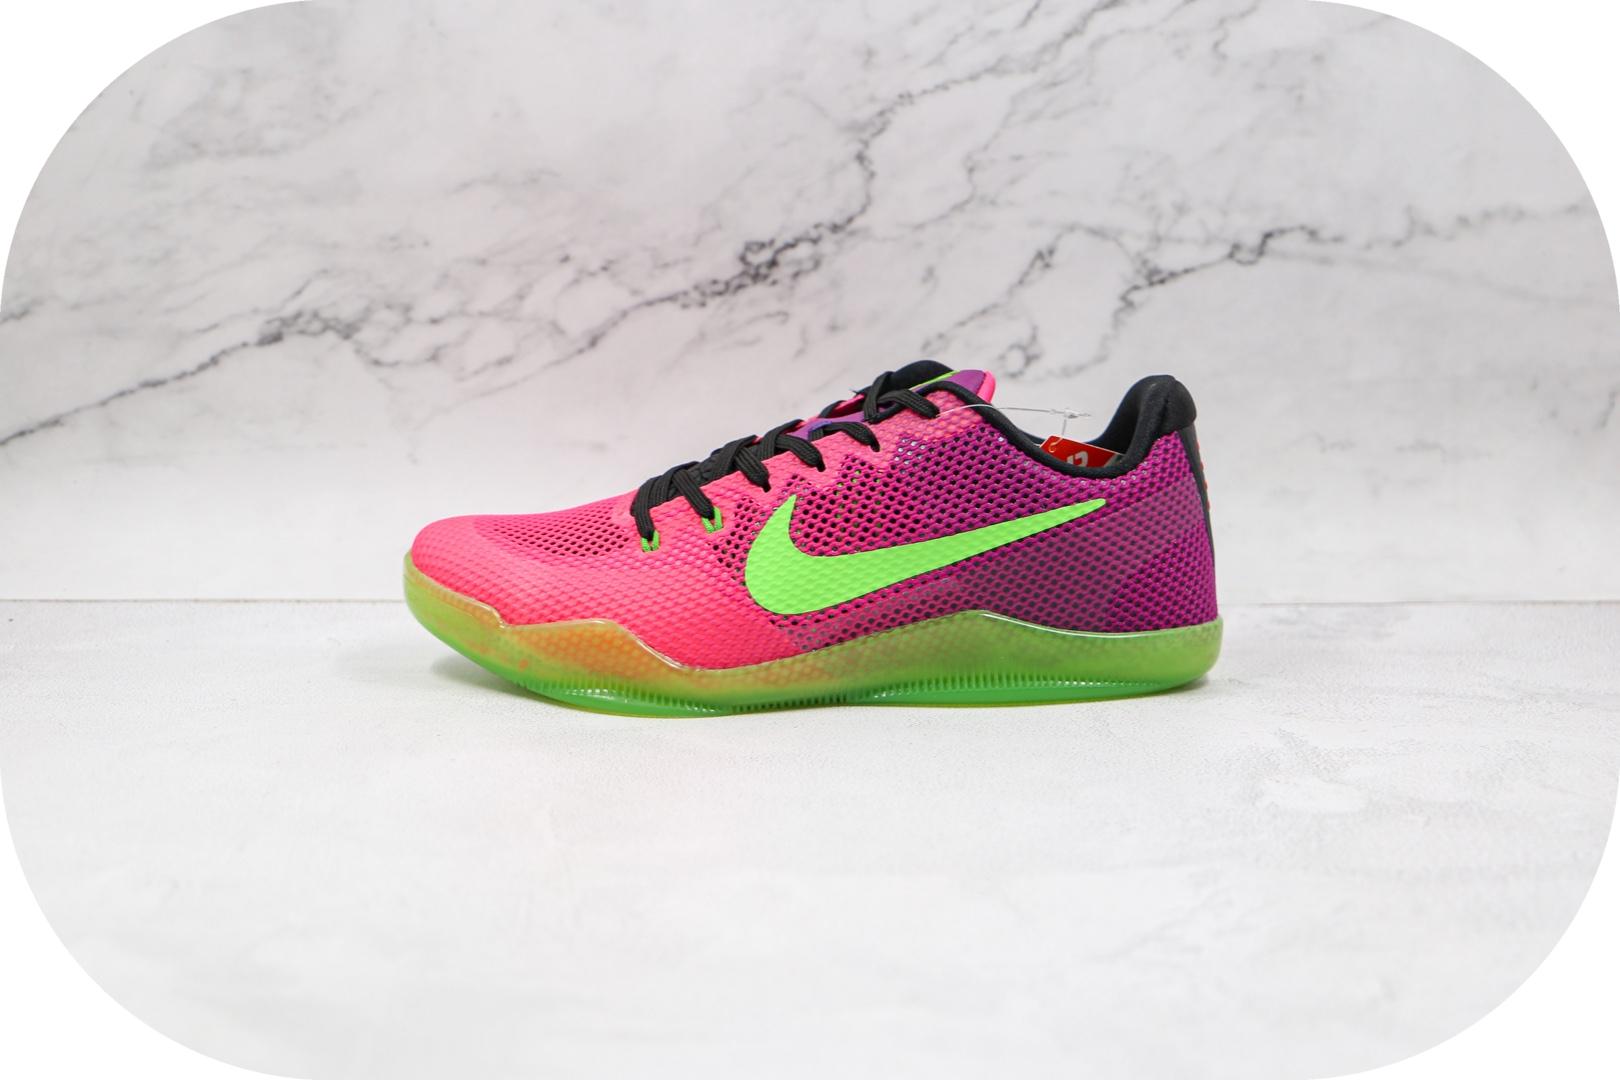 耐克Nike Kobe 11 E纯原版本科比11刺客绿紫色篮球鞋网面运动鞋支持实战 货号:836184-635